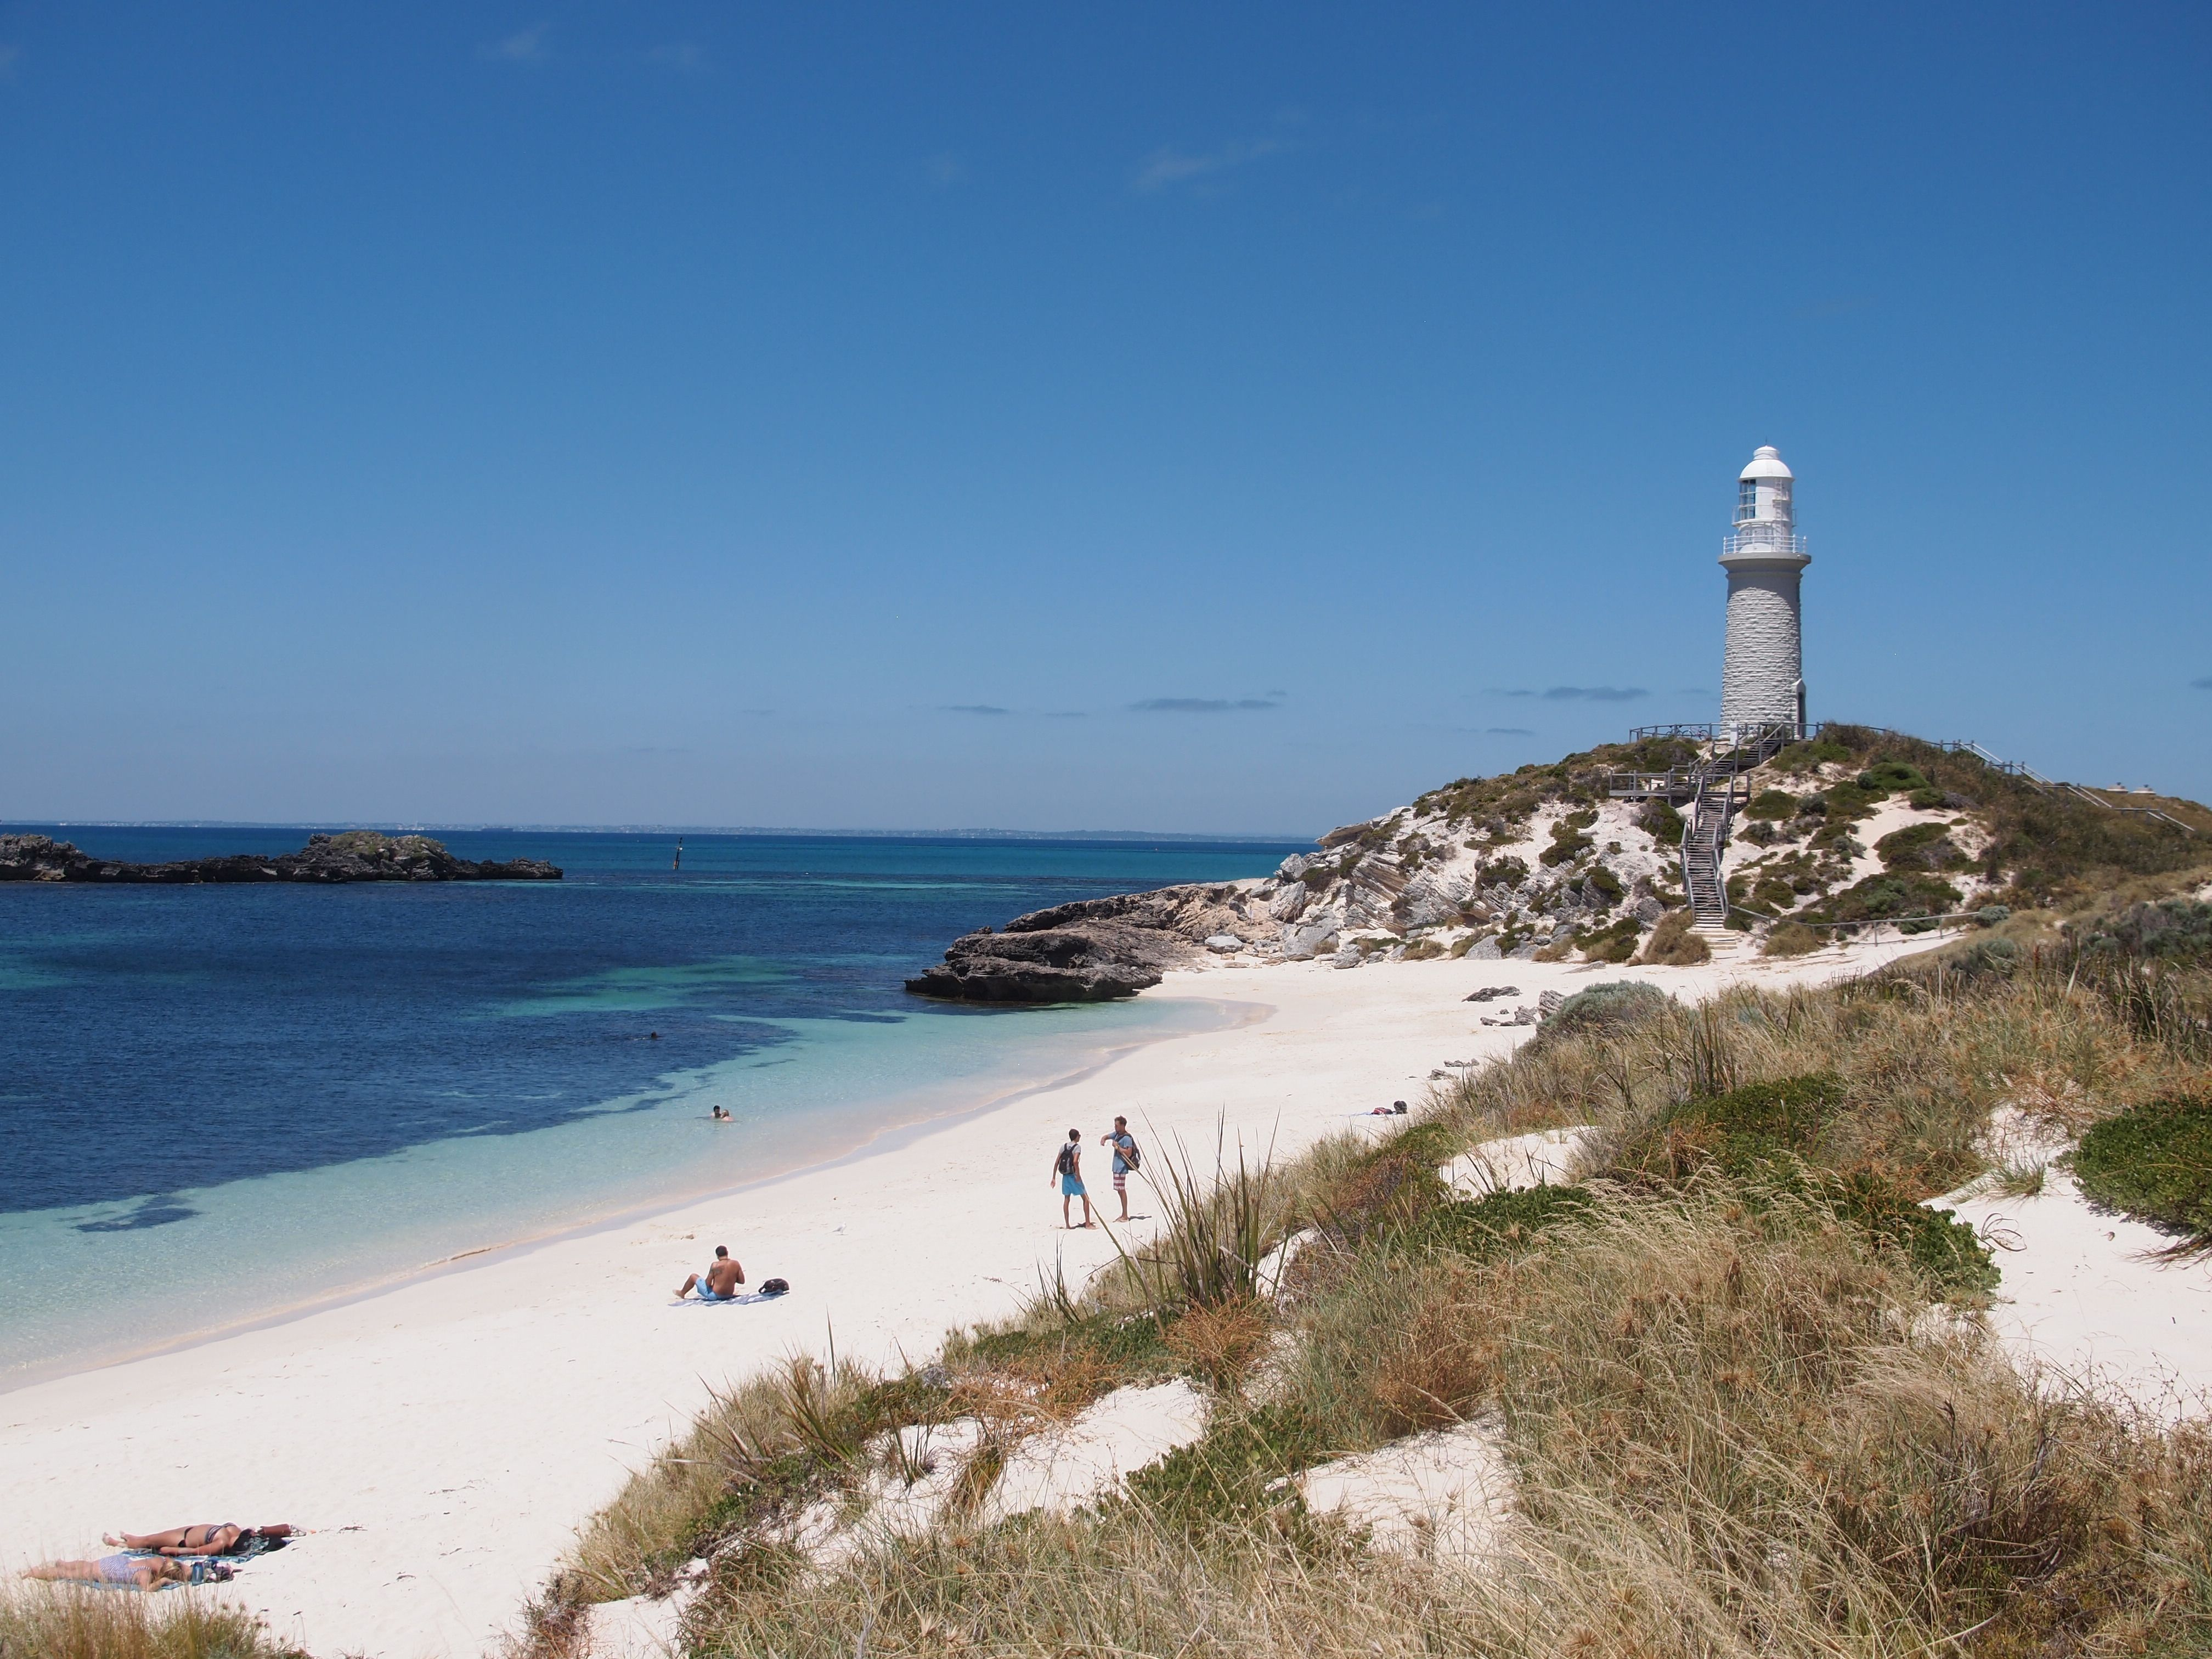 Rottnest Island 2013, Perth Australia.